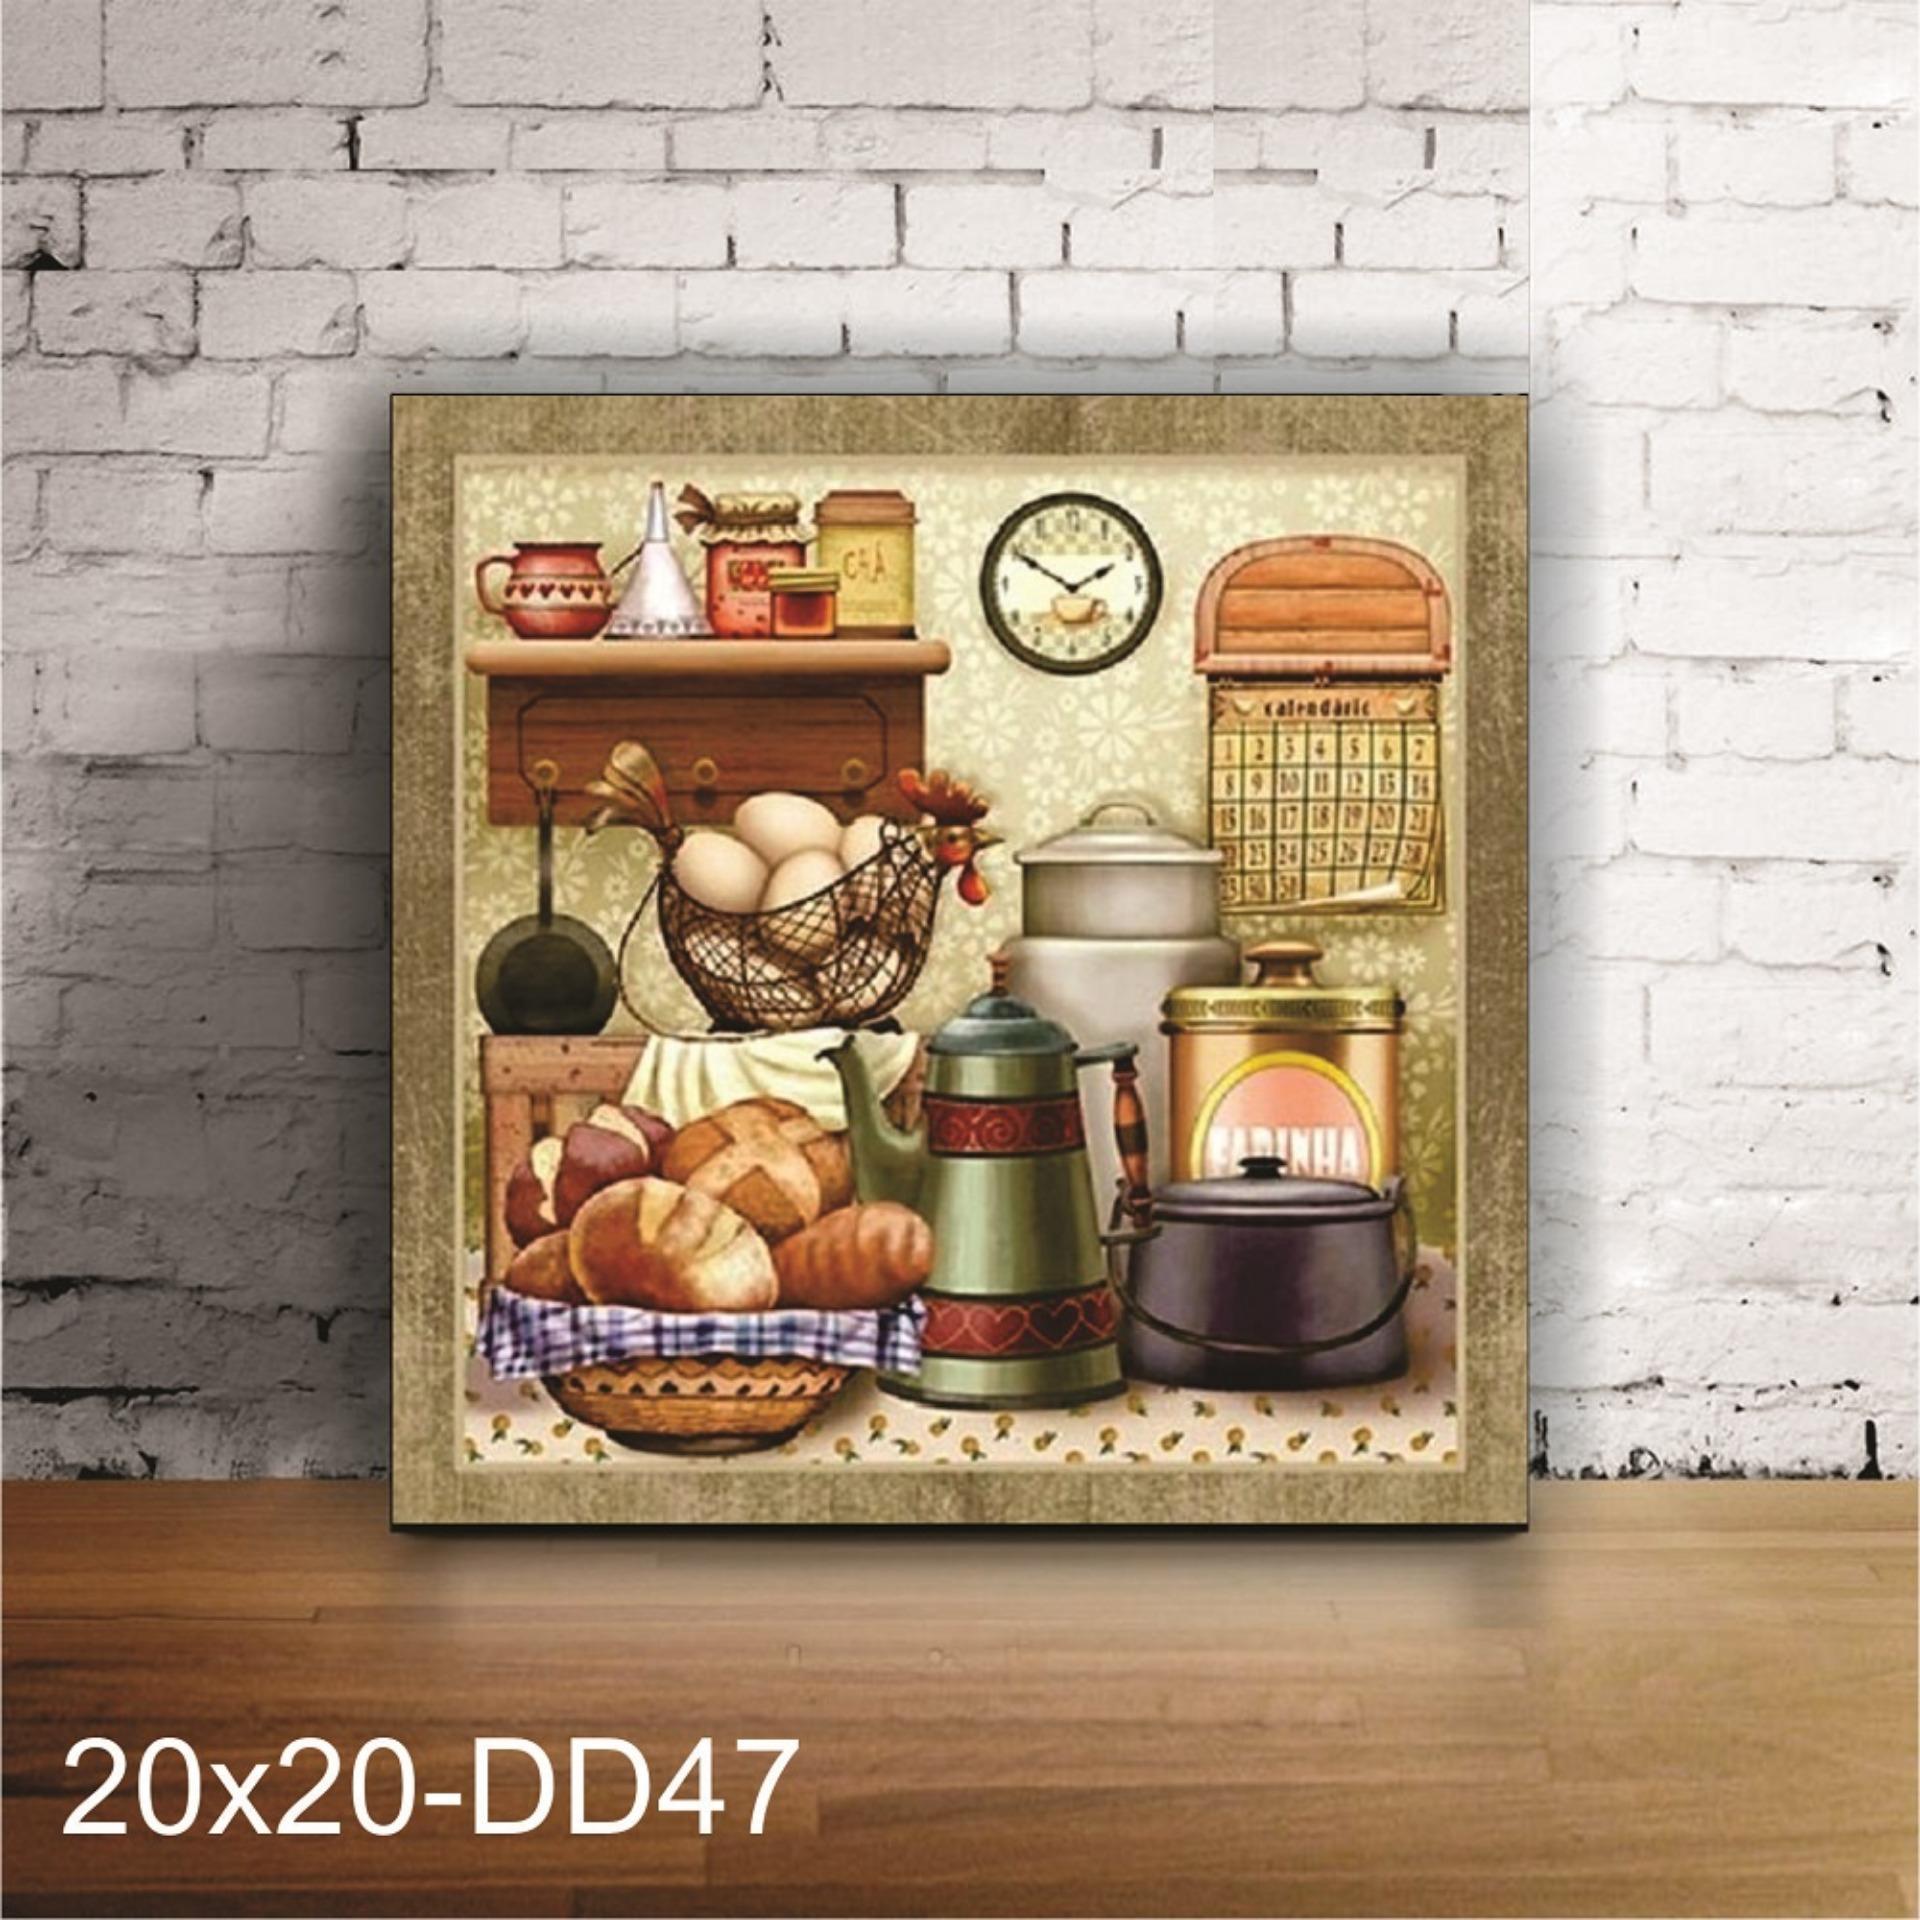 Vasty kode DD47 / hiasan dinding / poster kayu / wall decor / dekorasi rumah /